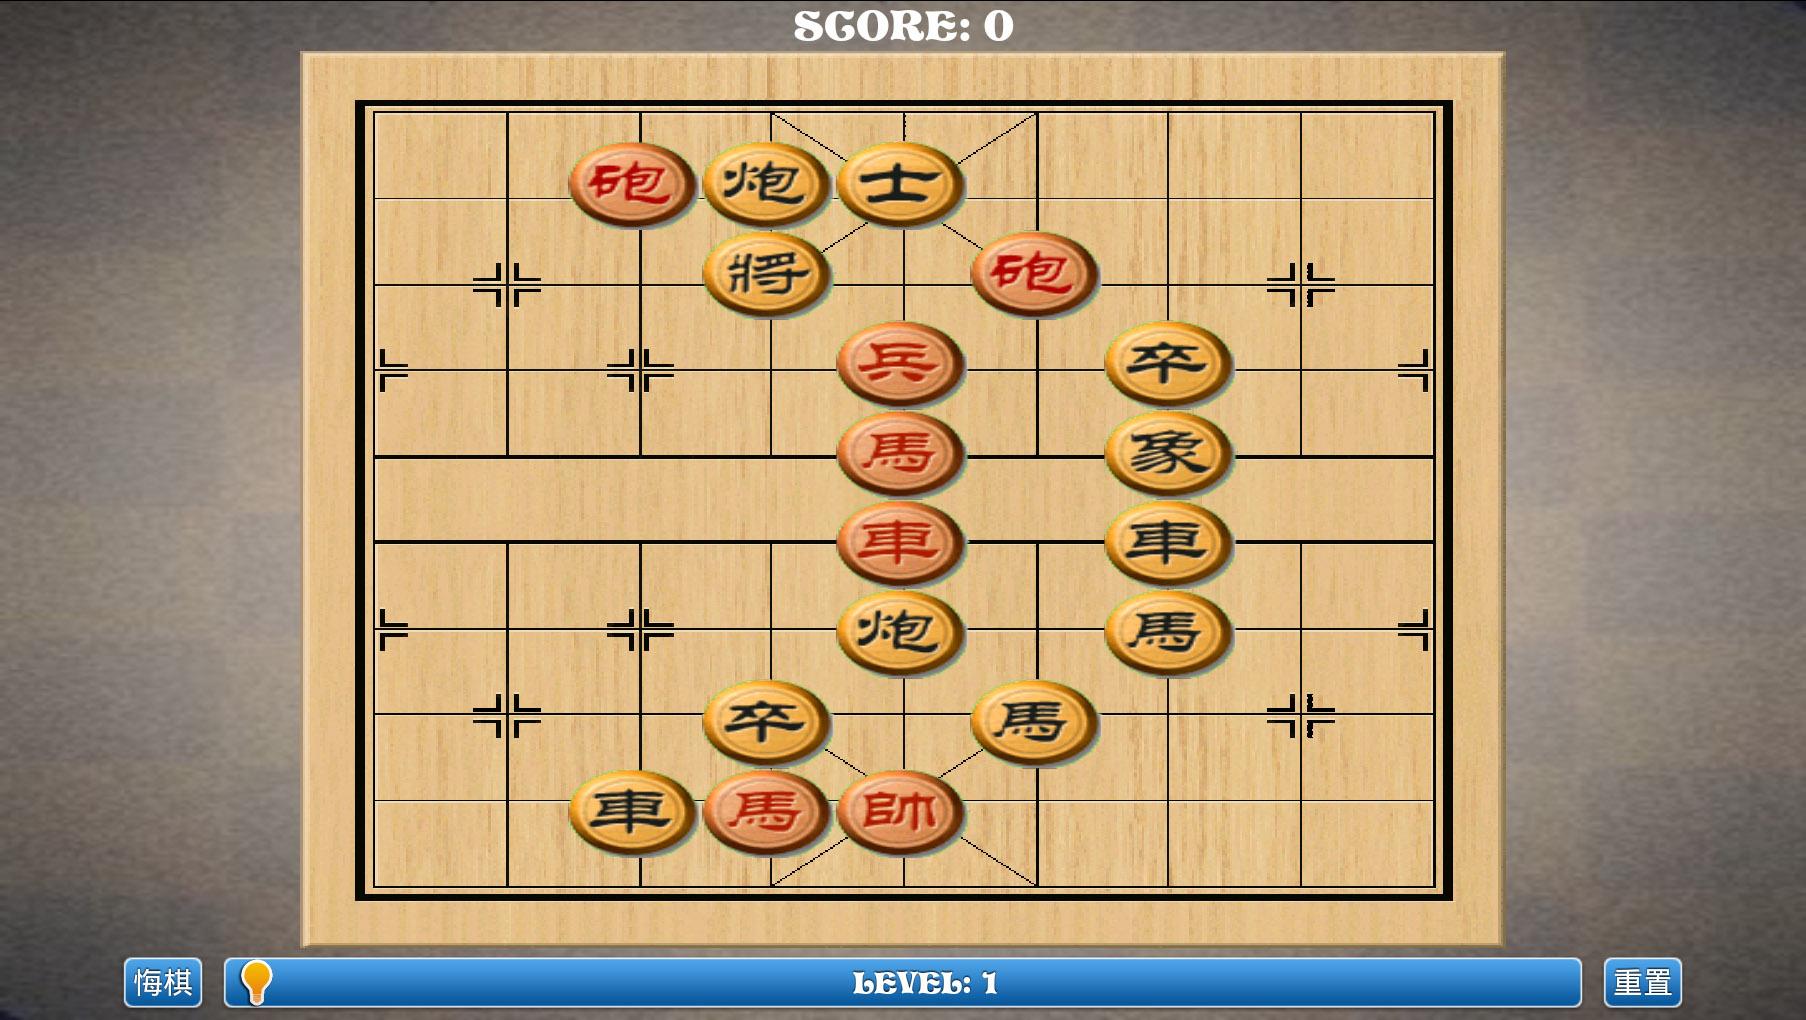 象棋类看图猜成语答案图解